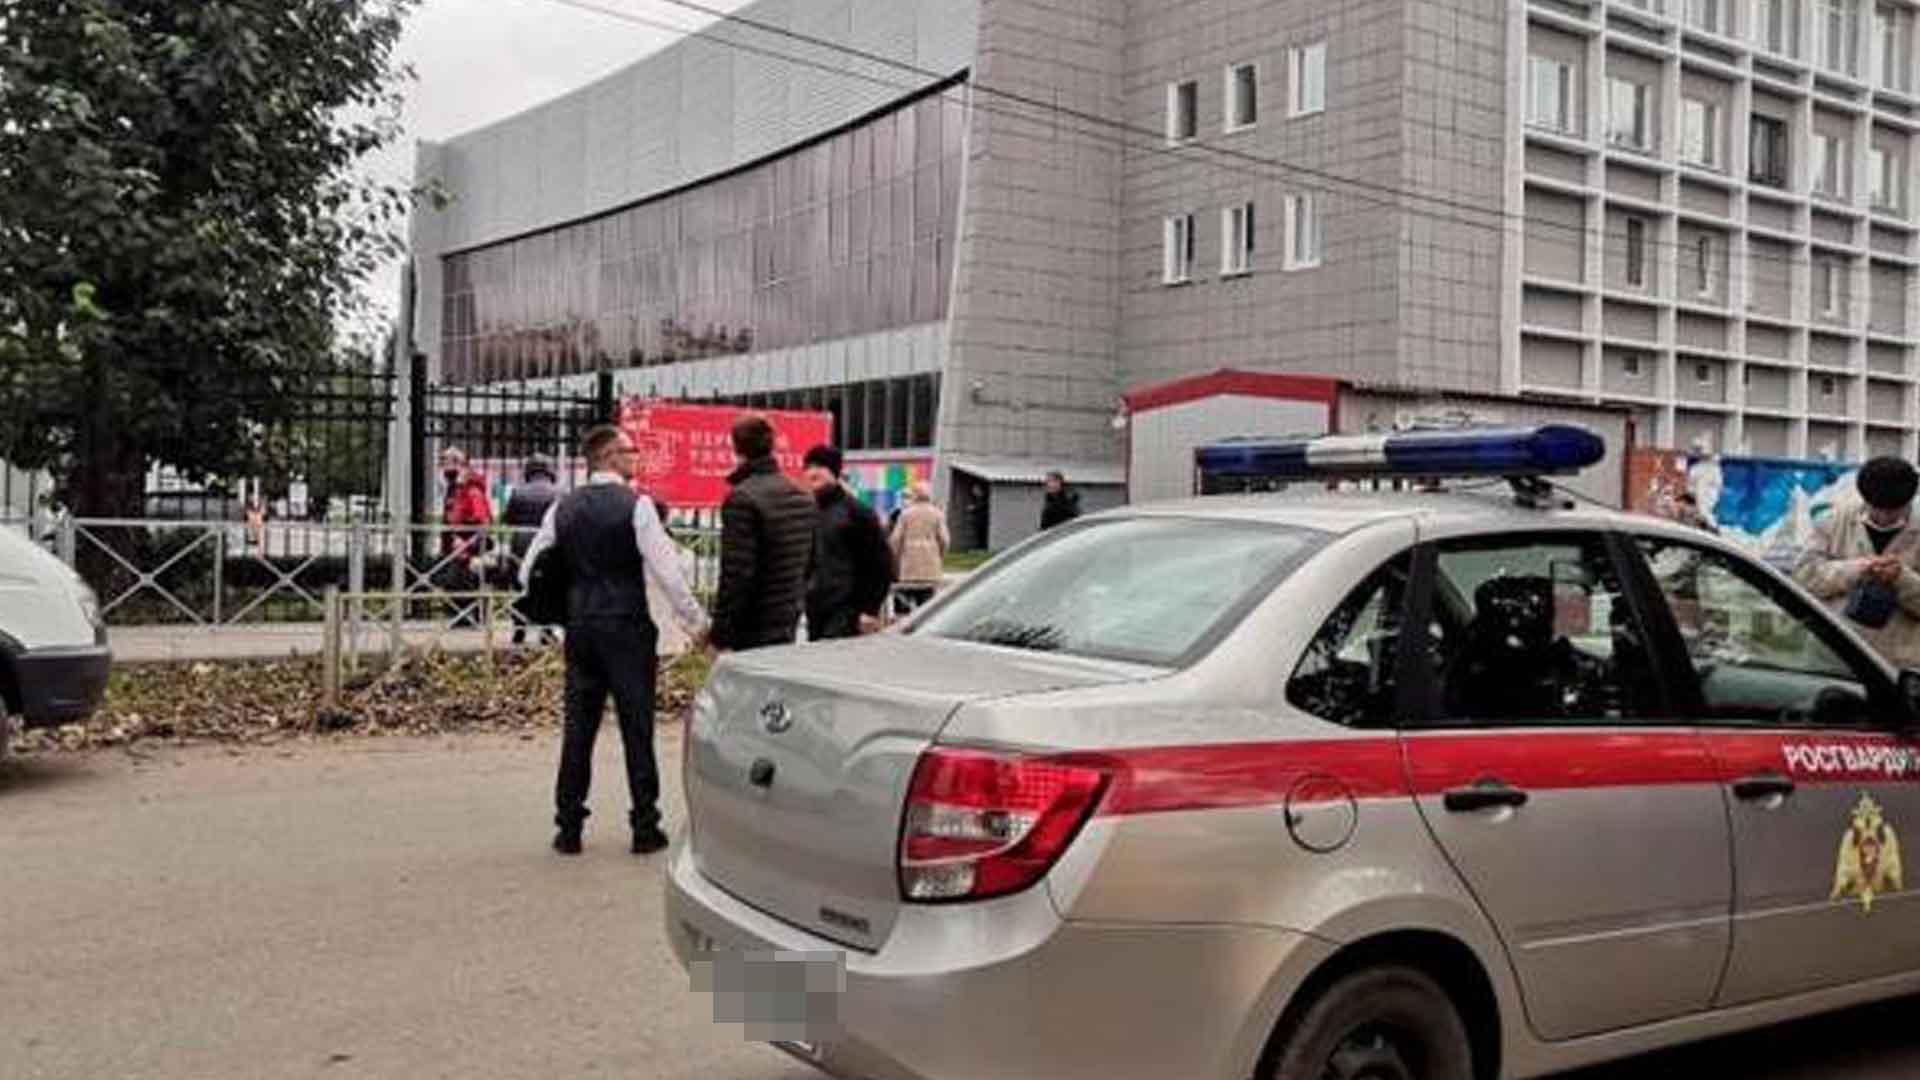 Al menos 8 muertos y 24 heridos en un tiroteo en una universidad de Rusia